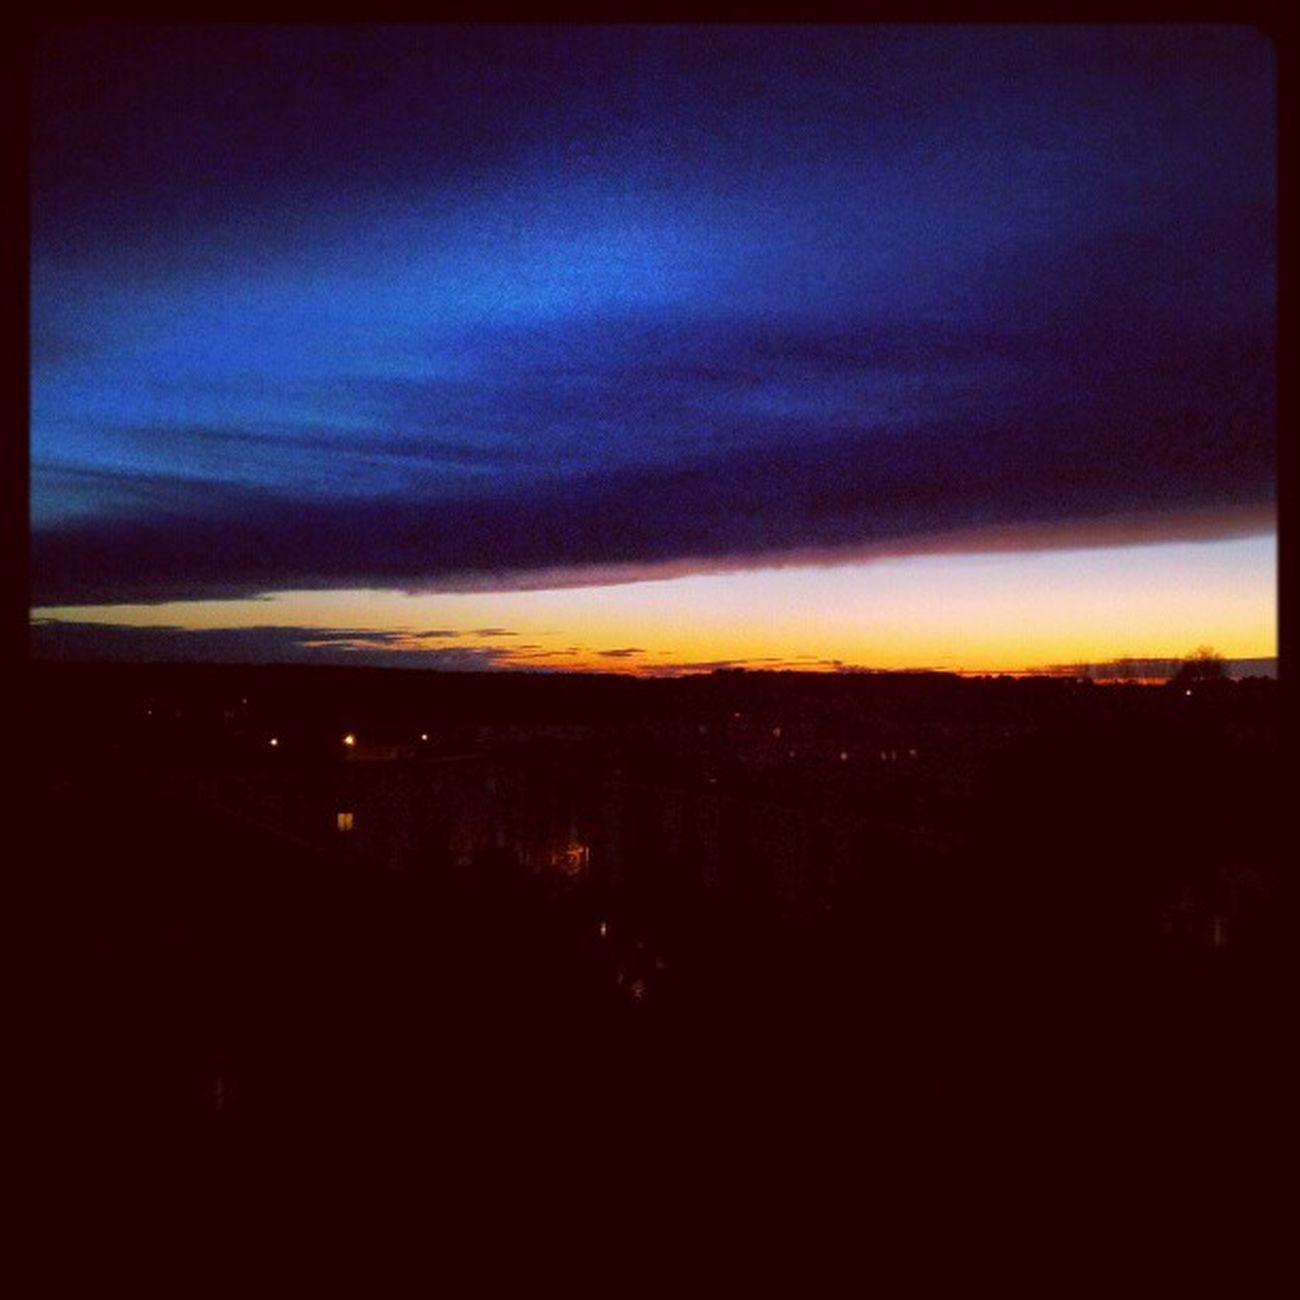 Un rayon a traverser la pièce en me retournant j'ai vu ce ciel magnifique.